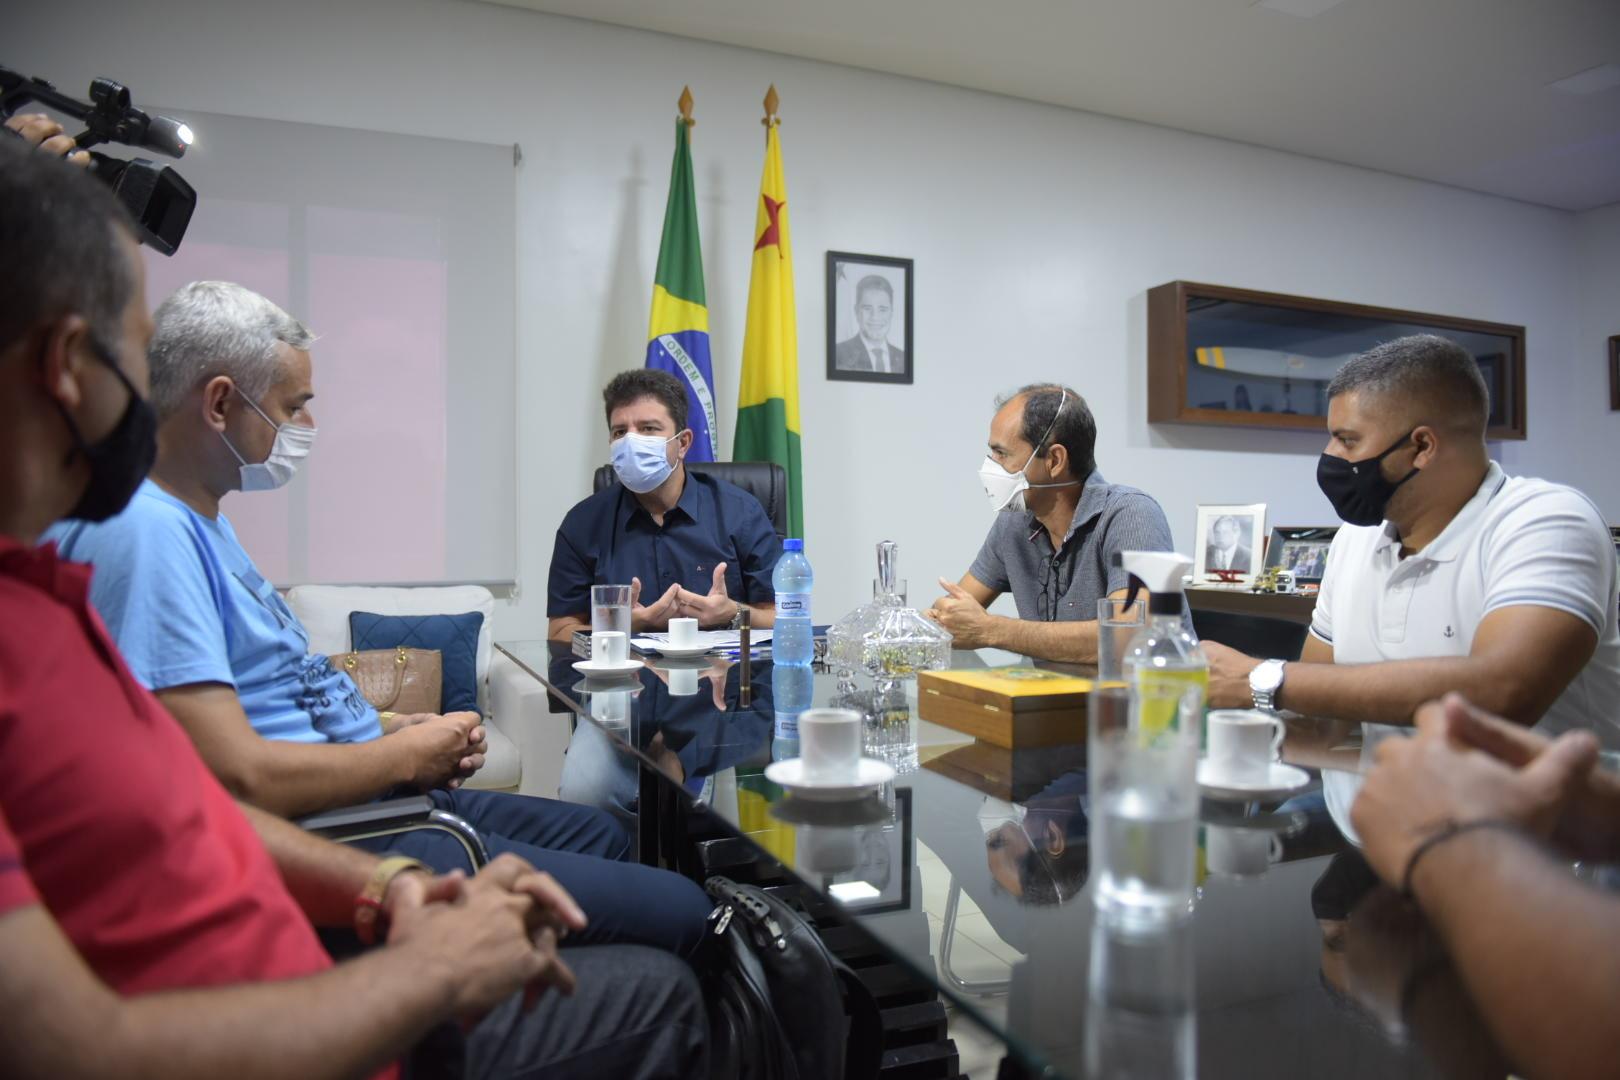 Vereadores de Cruzeiro do Sul apresentam pauta de reivindicações ao governador durante encontro em Rio Branco